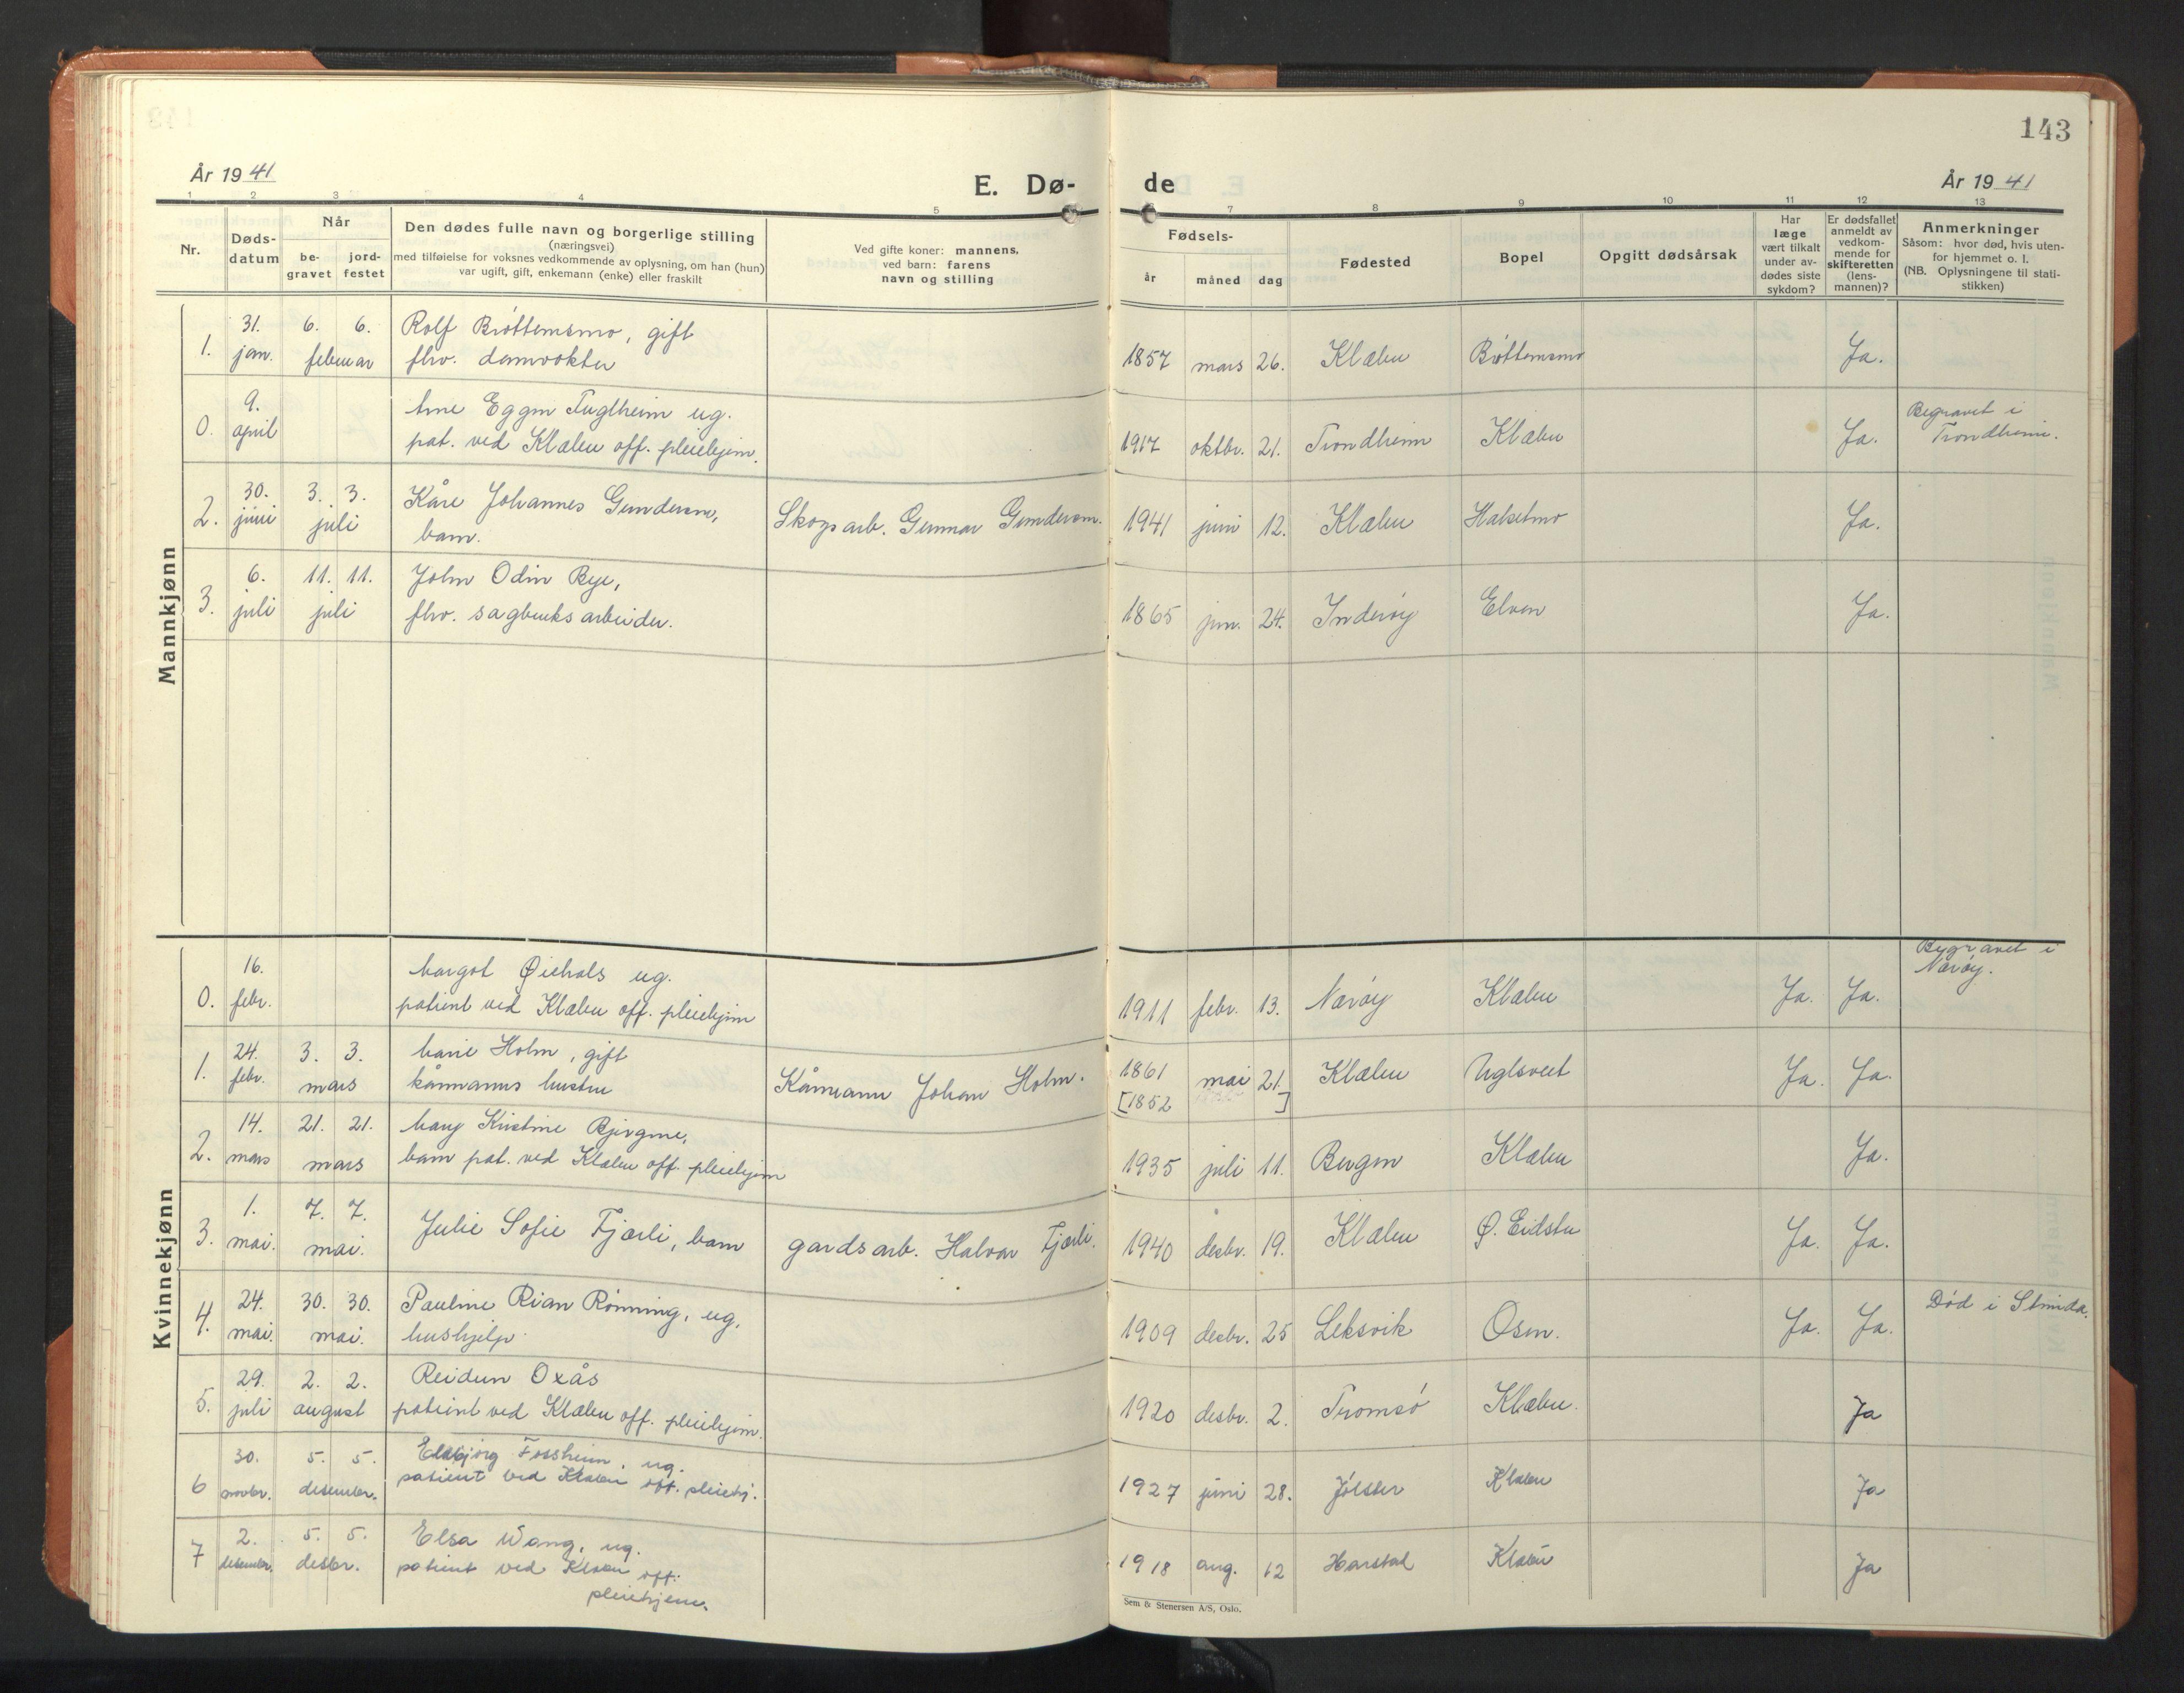 SAT, Ministerialprotokoller, klokkerbøker og fødselsregistre - Sør-Trøndelag, 618/L0454: Klokkerbok nr. 618C05, 1926-1946, s. 143